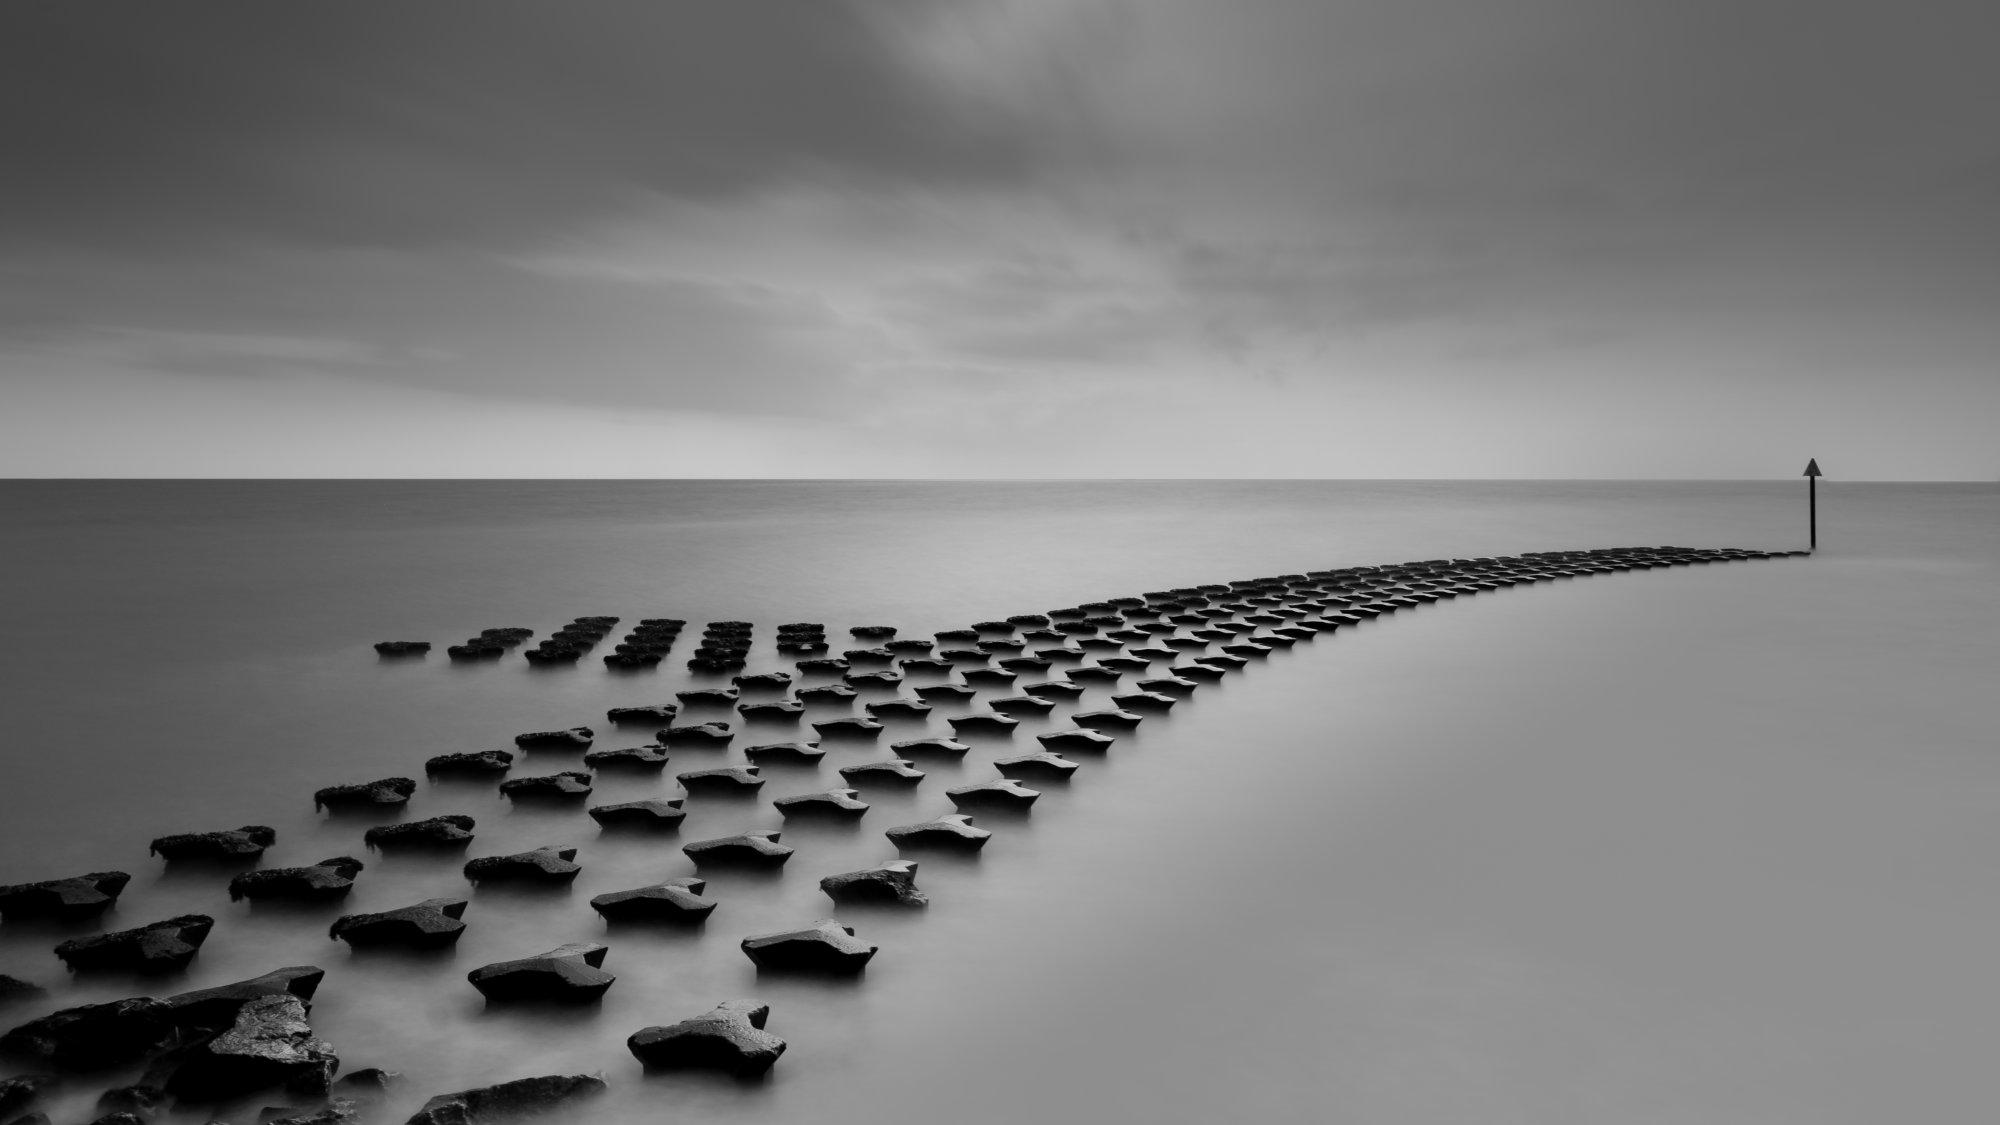 Sea defences